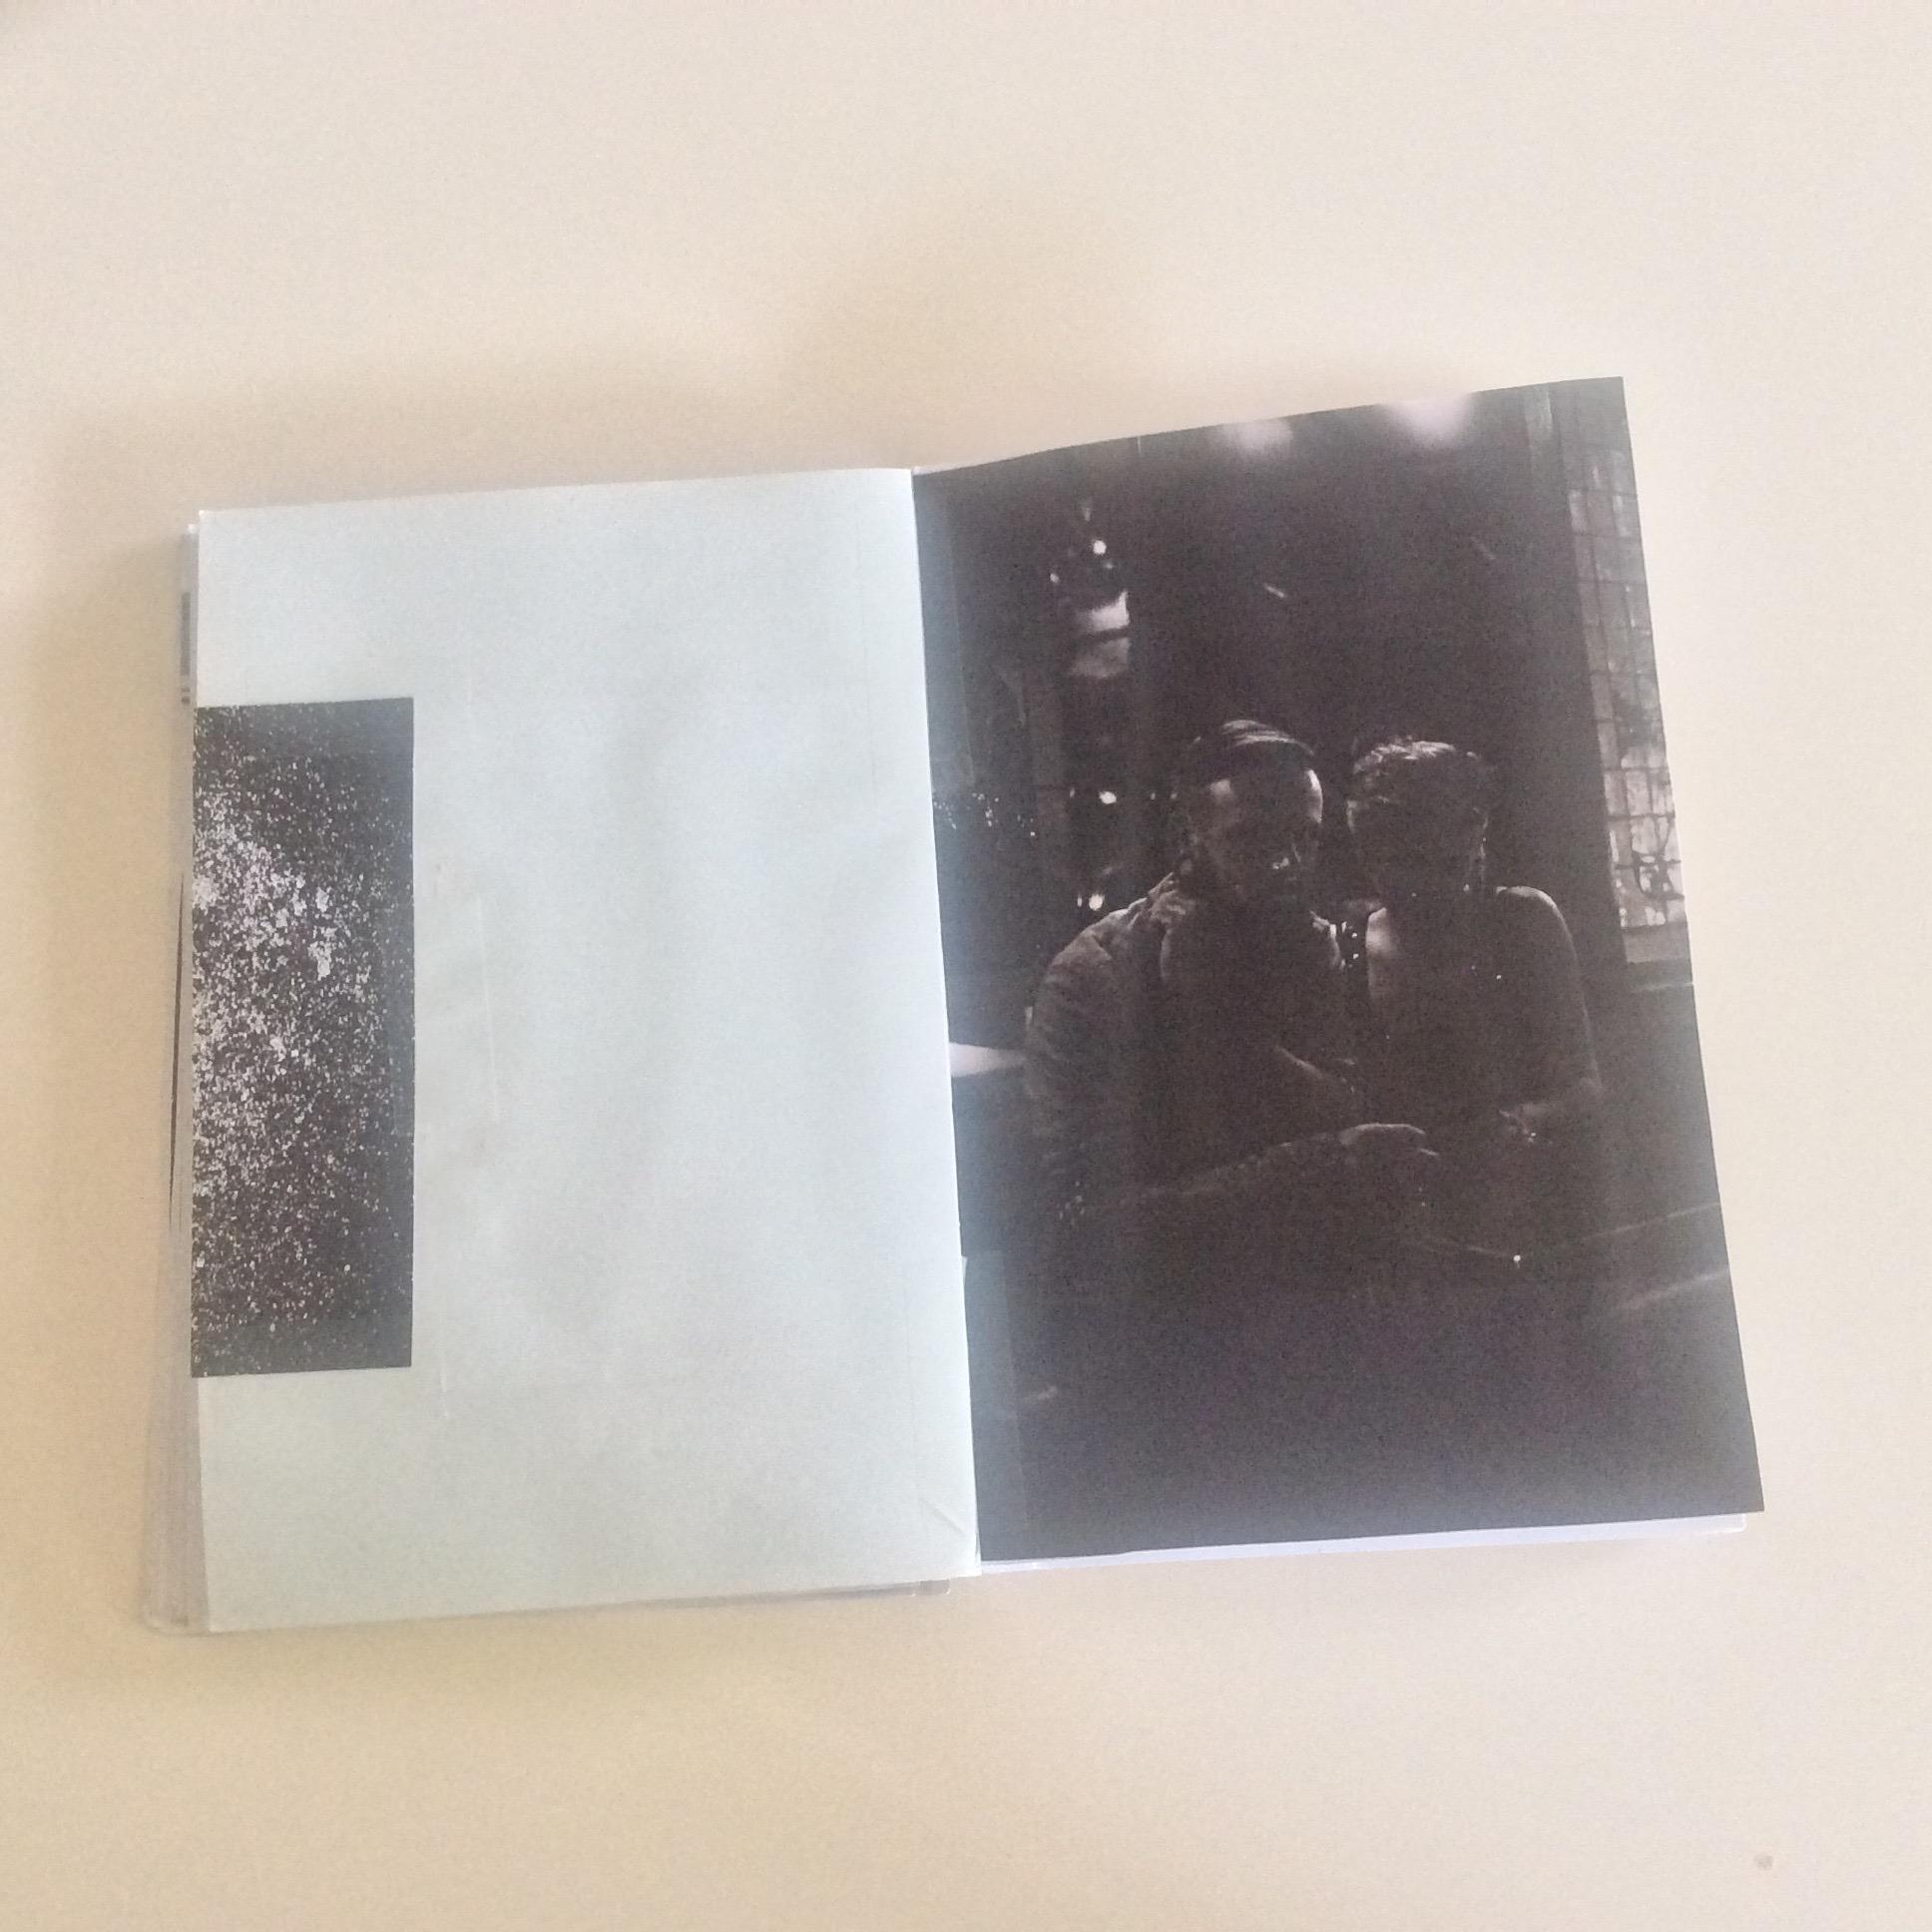 Photographies Sabrina Karp-dessin du livre Claire Jolin-les editions orange claireIMG_1474